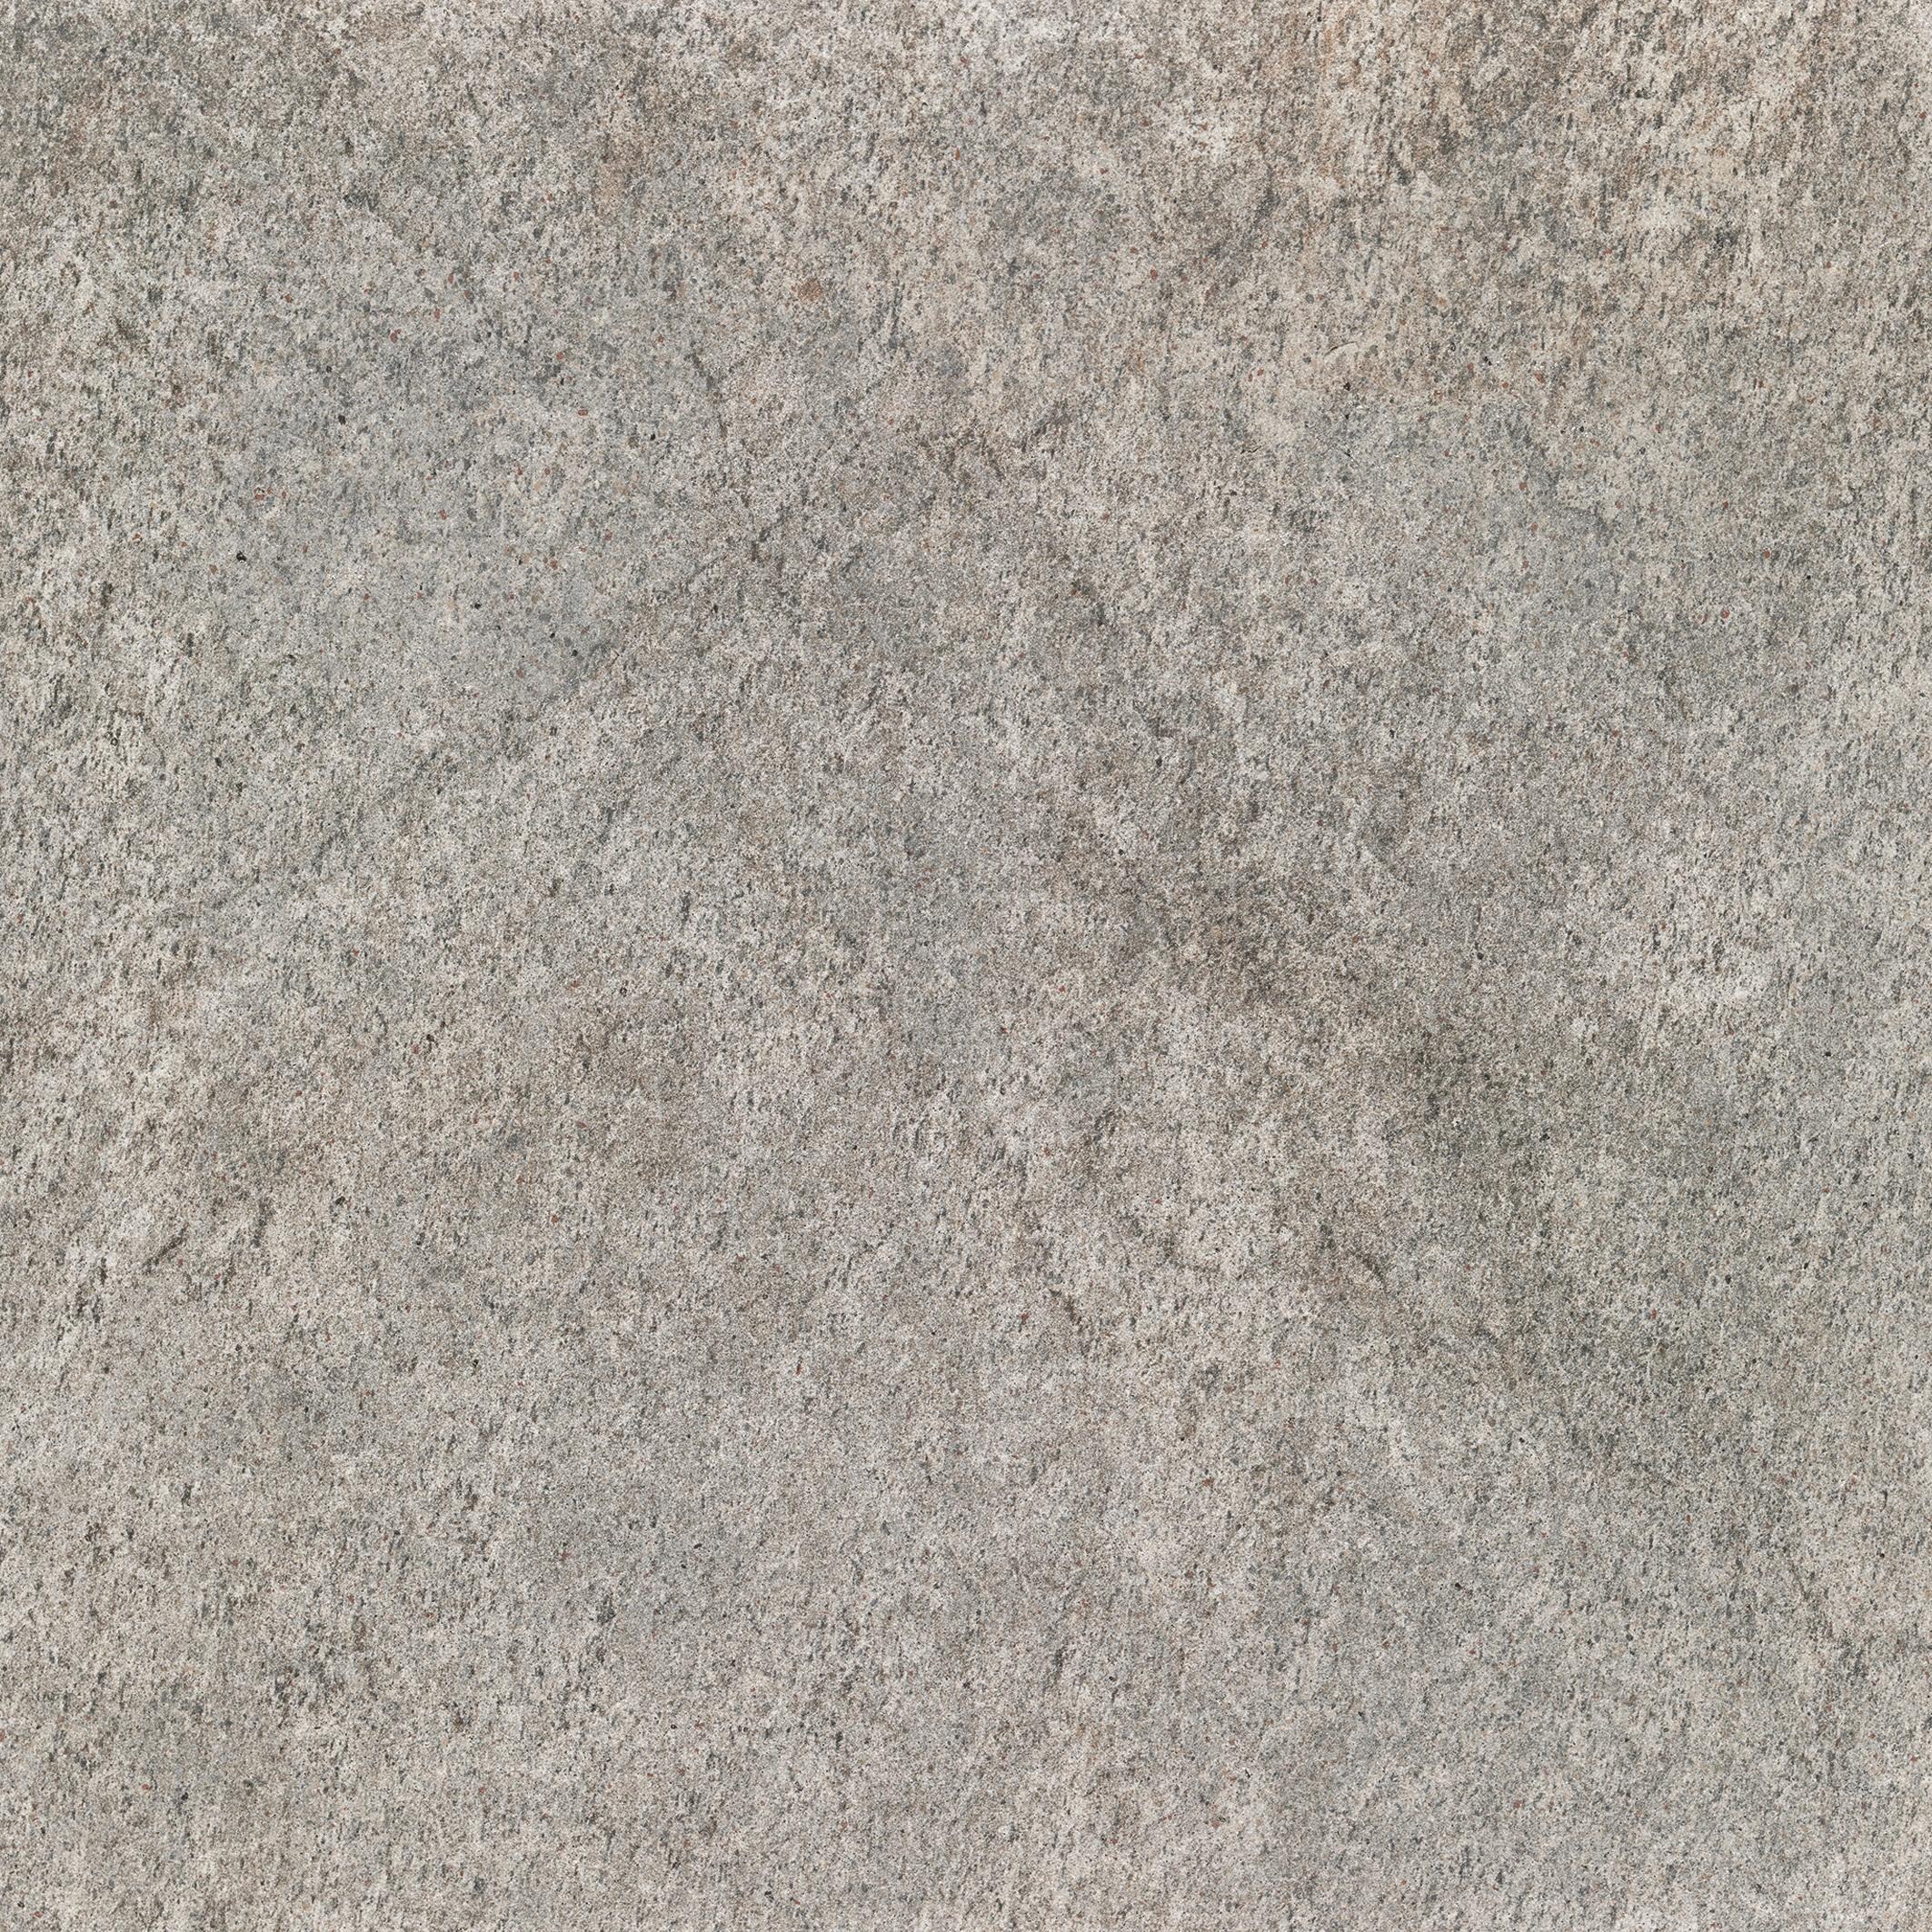 Напольная плитка Venis Cosmos +23192 Pav. 59,6х59,6 цена